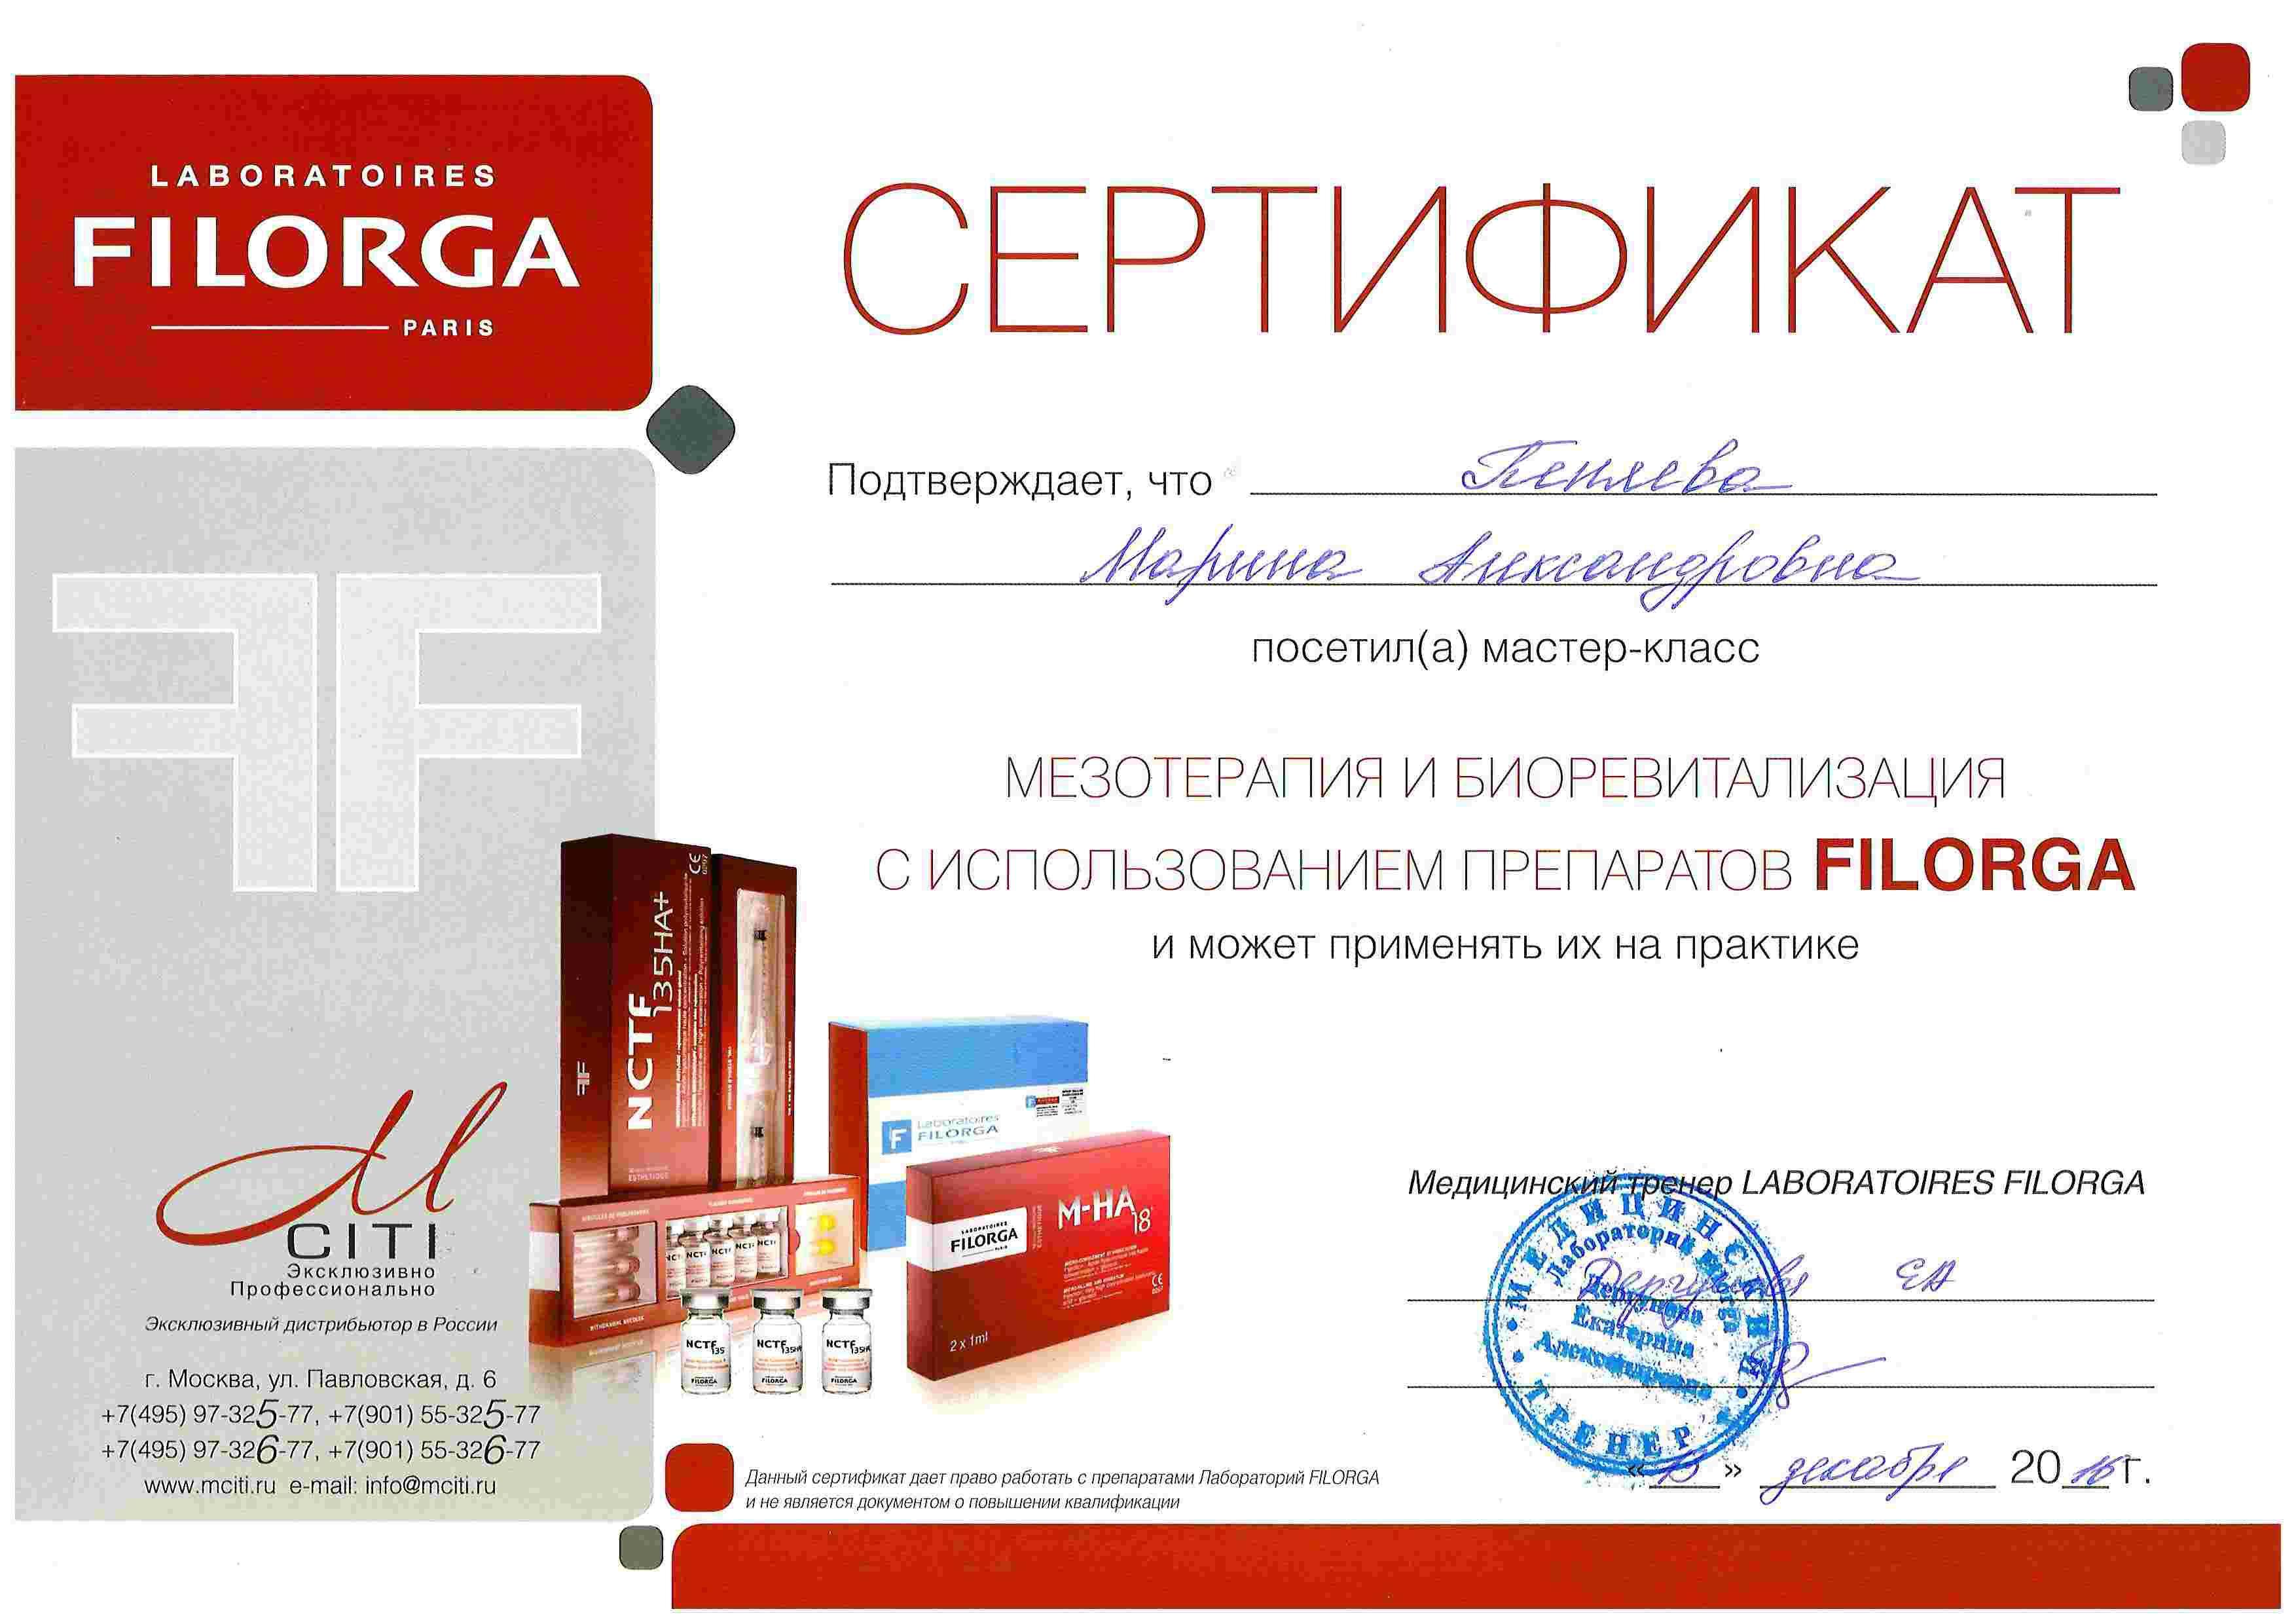 Сертификат — Мезотерапия и биоревитализация с использованием препаратов Filorga. Пеняева Марина Александровна